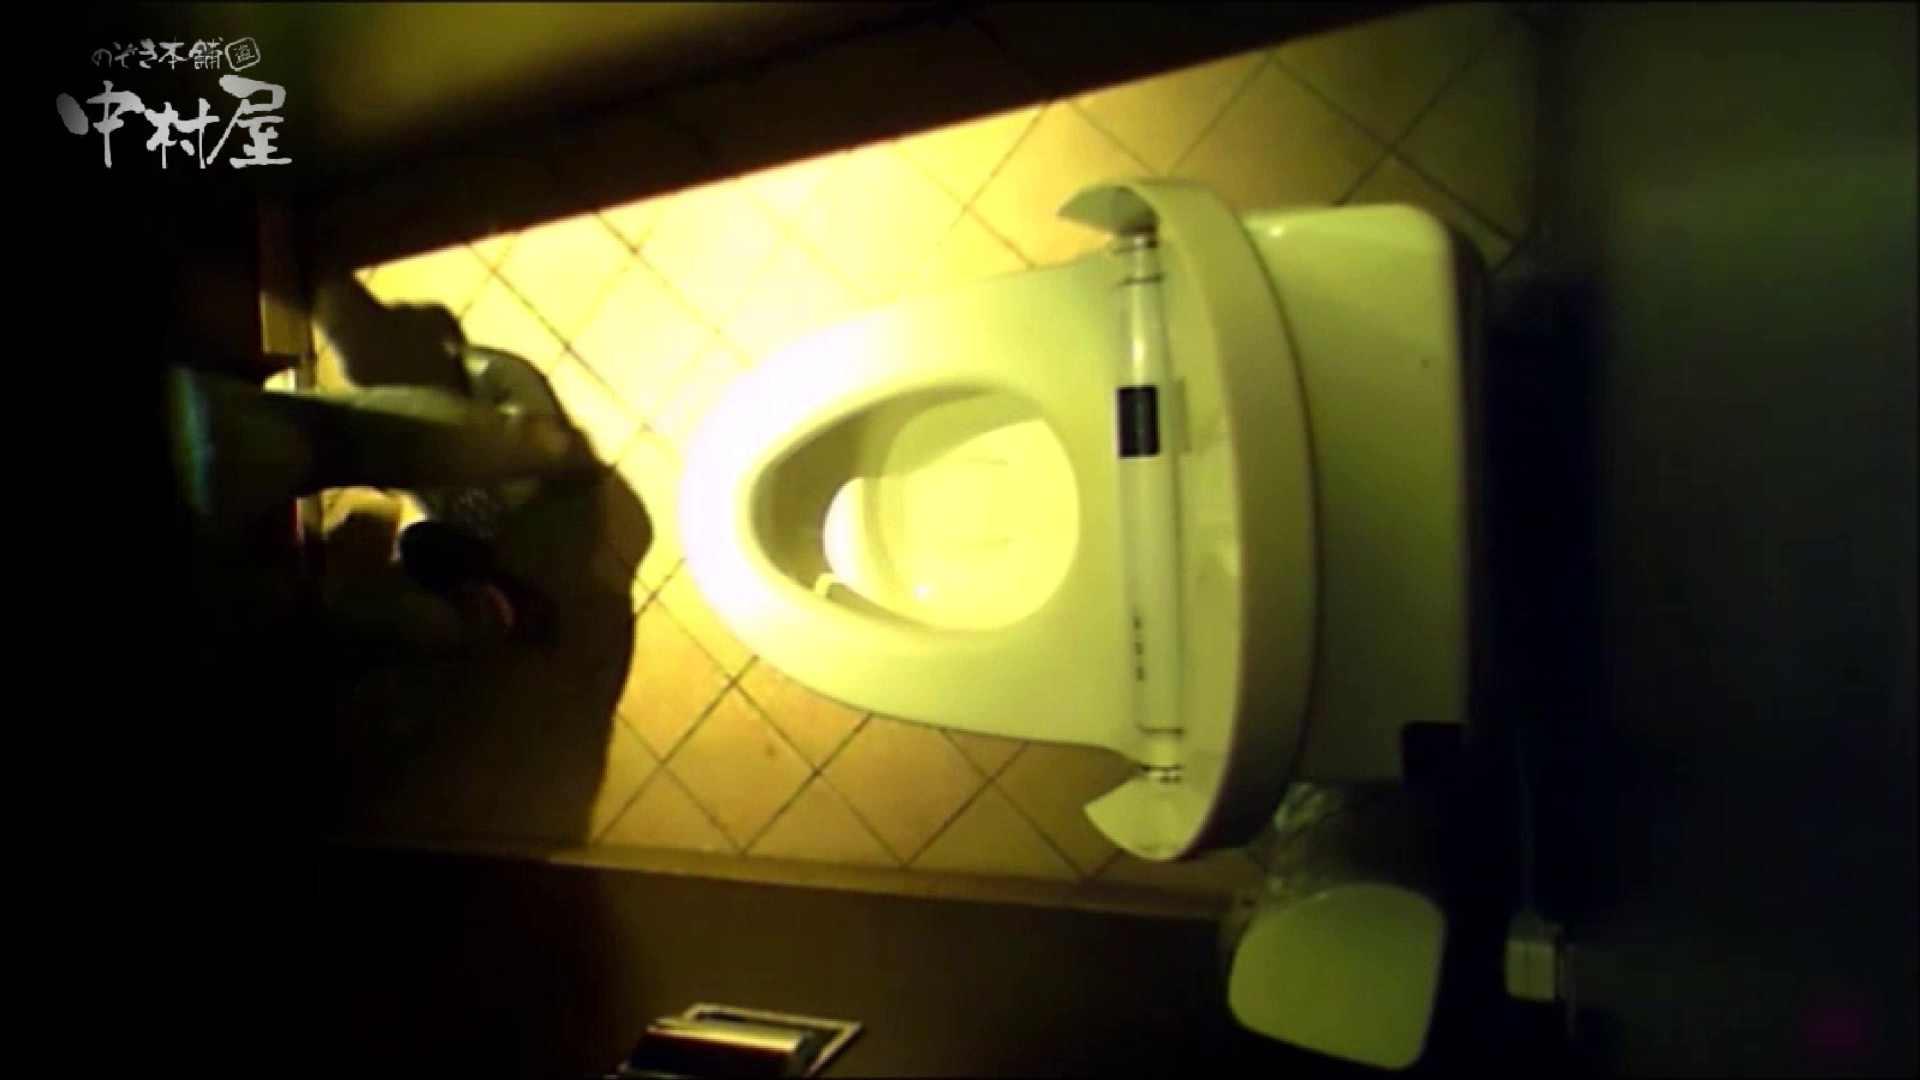 女子トイレ盗撮~某ファミレス編~vol.24 トイレ | 盗撮  61連発 26